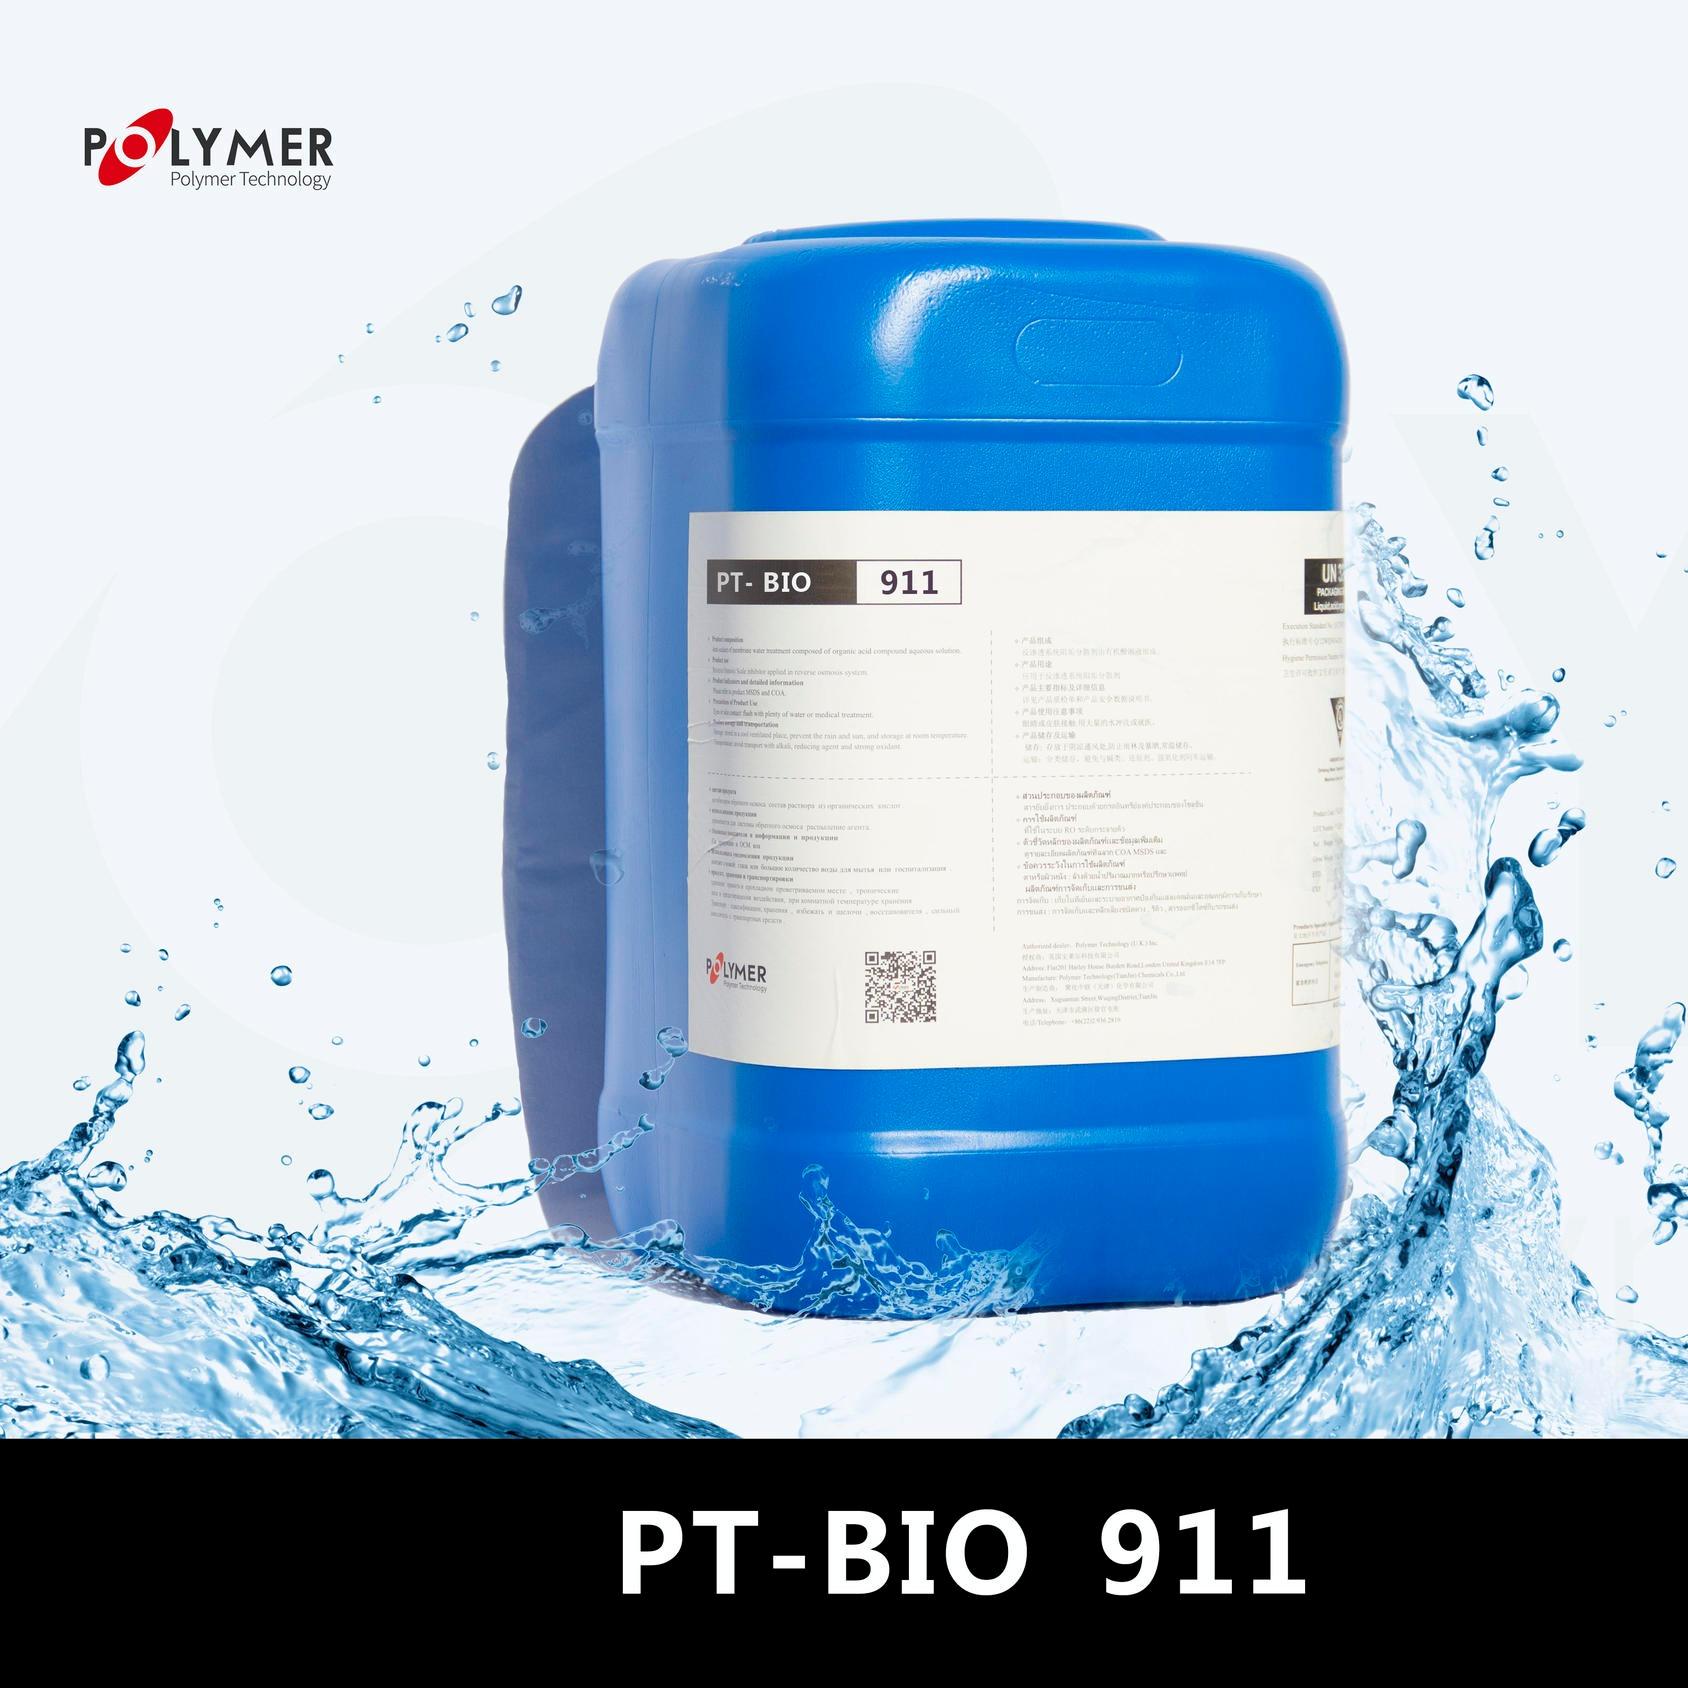 宝莱尔 反渗透用杀菌剂PT-BIO 911  一种广谱的生物抑制剂 英国POLYMER品牌  厂家直供 价格详谈 批发